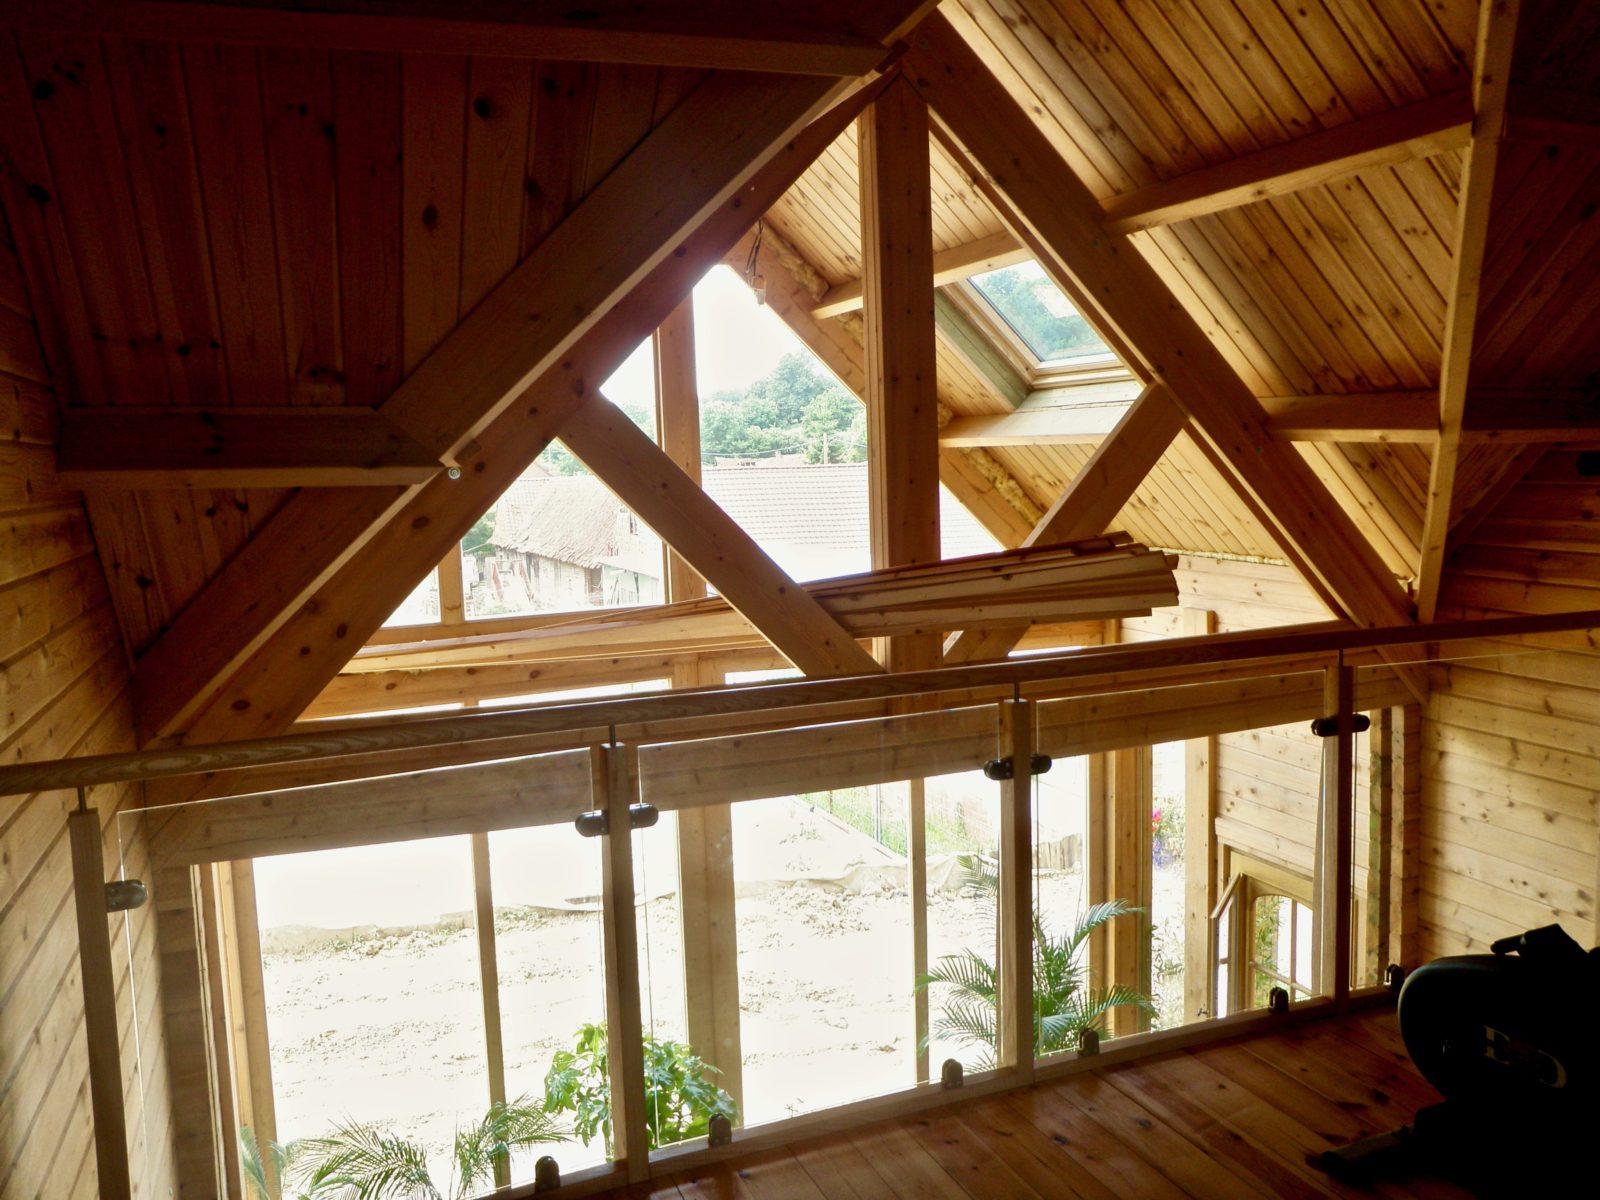 maison en madrier lumineuse avec poutres apparentes 3